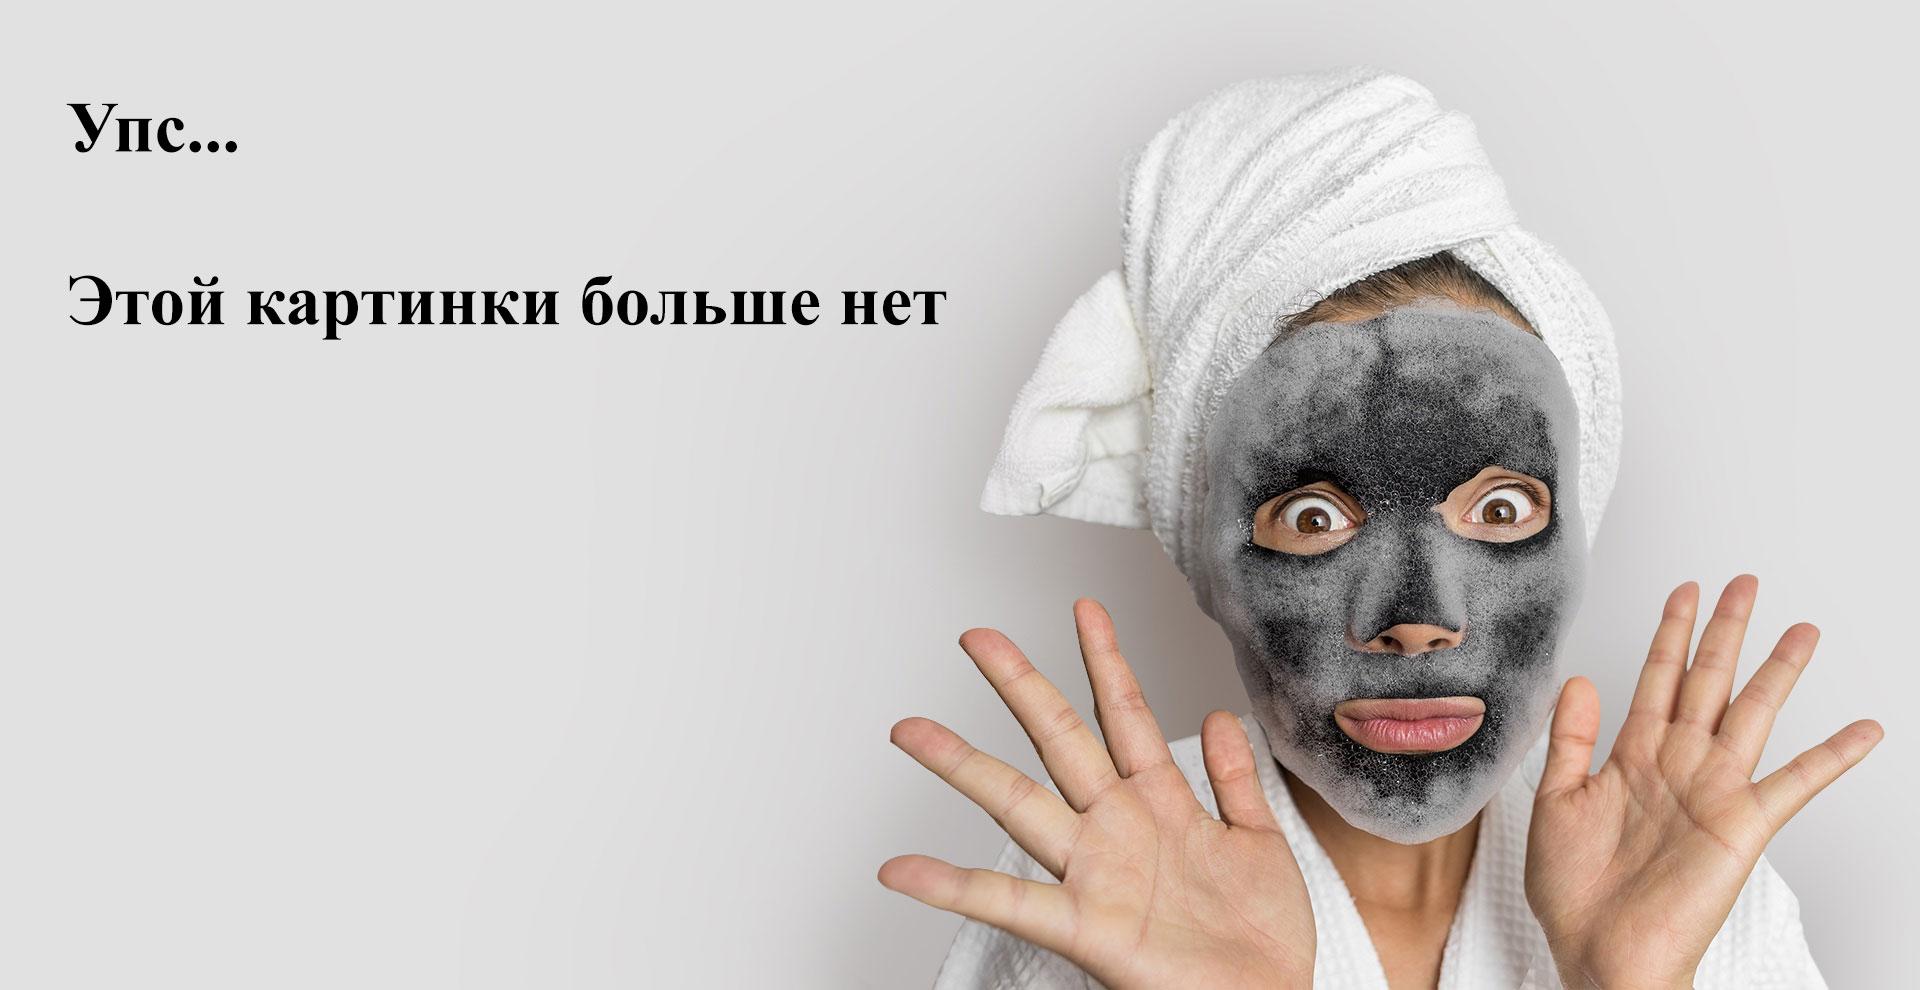 Weleda, Массажное масло с арникой, 100 мл